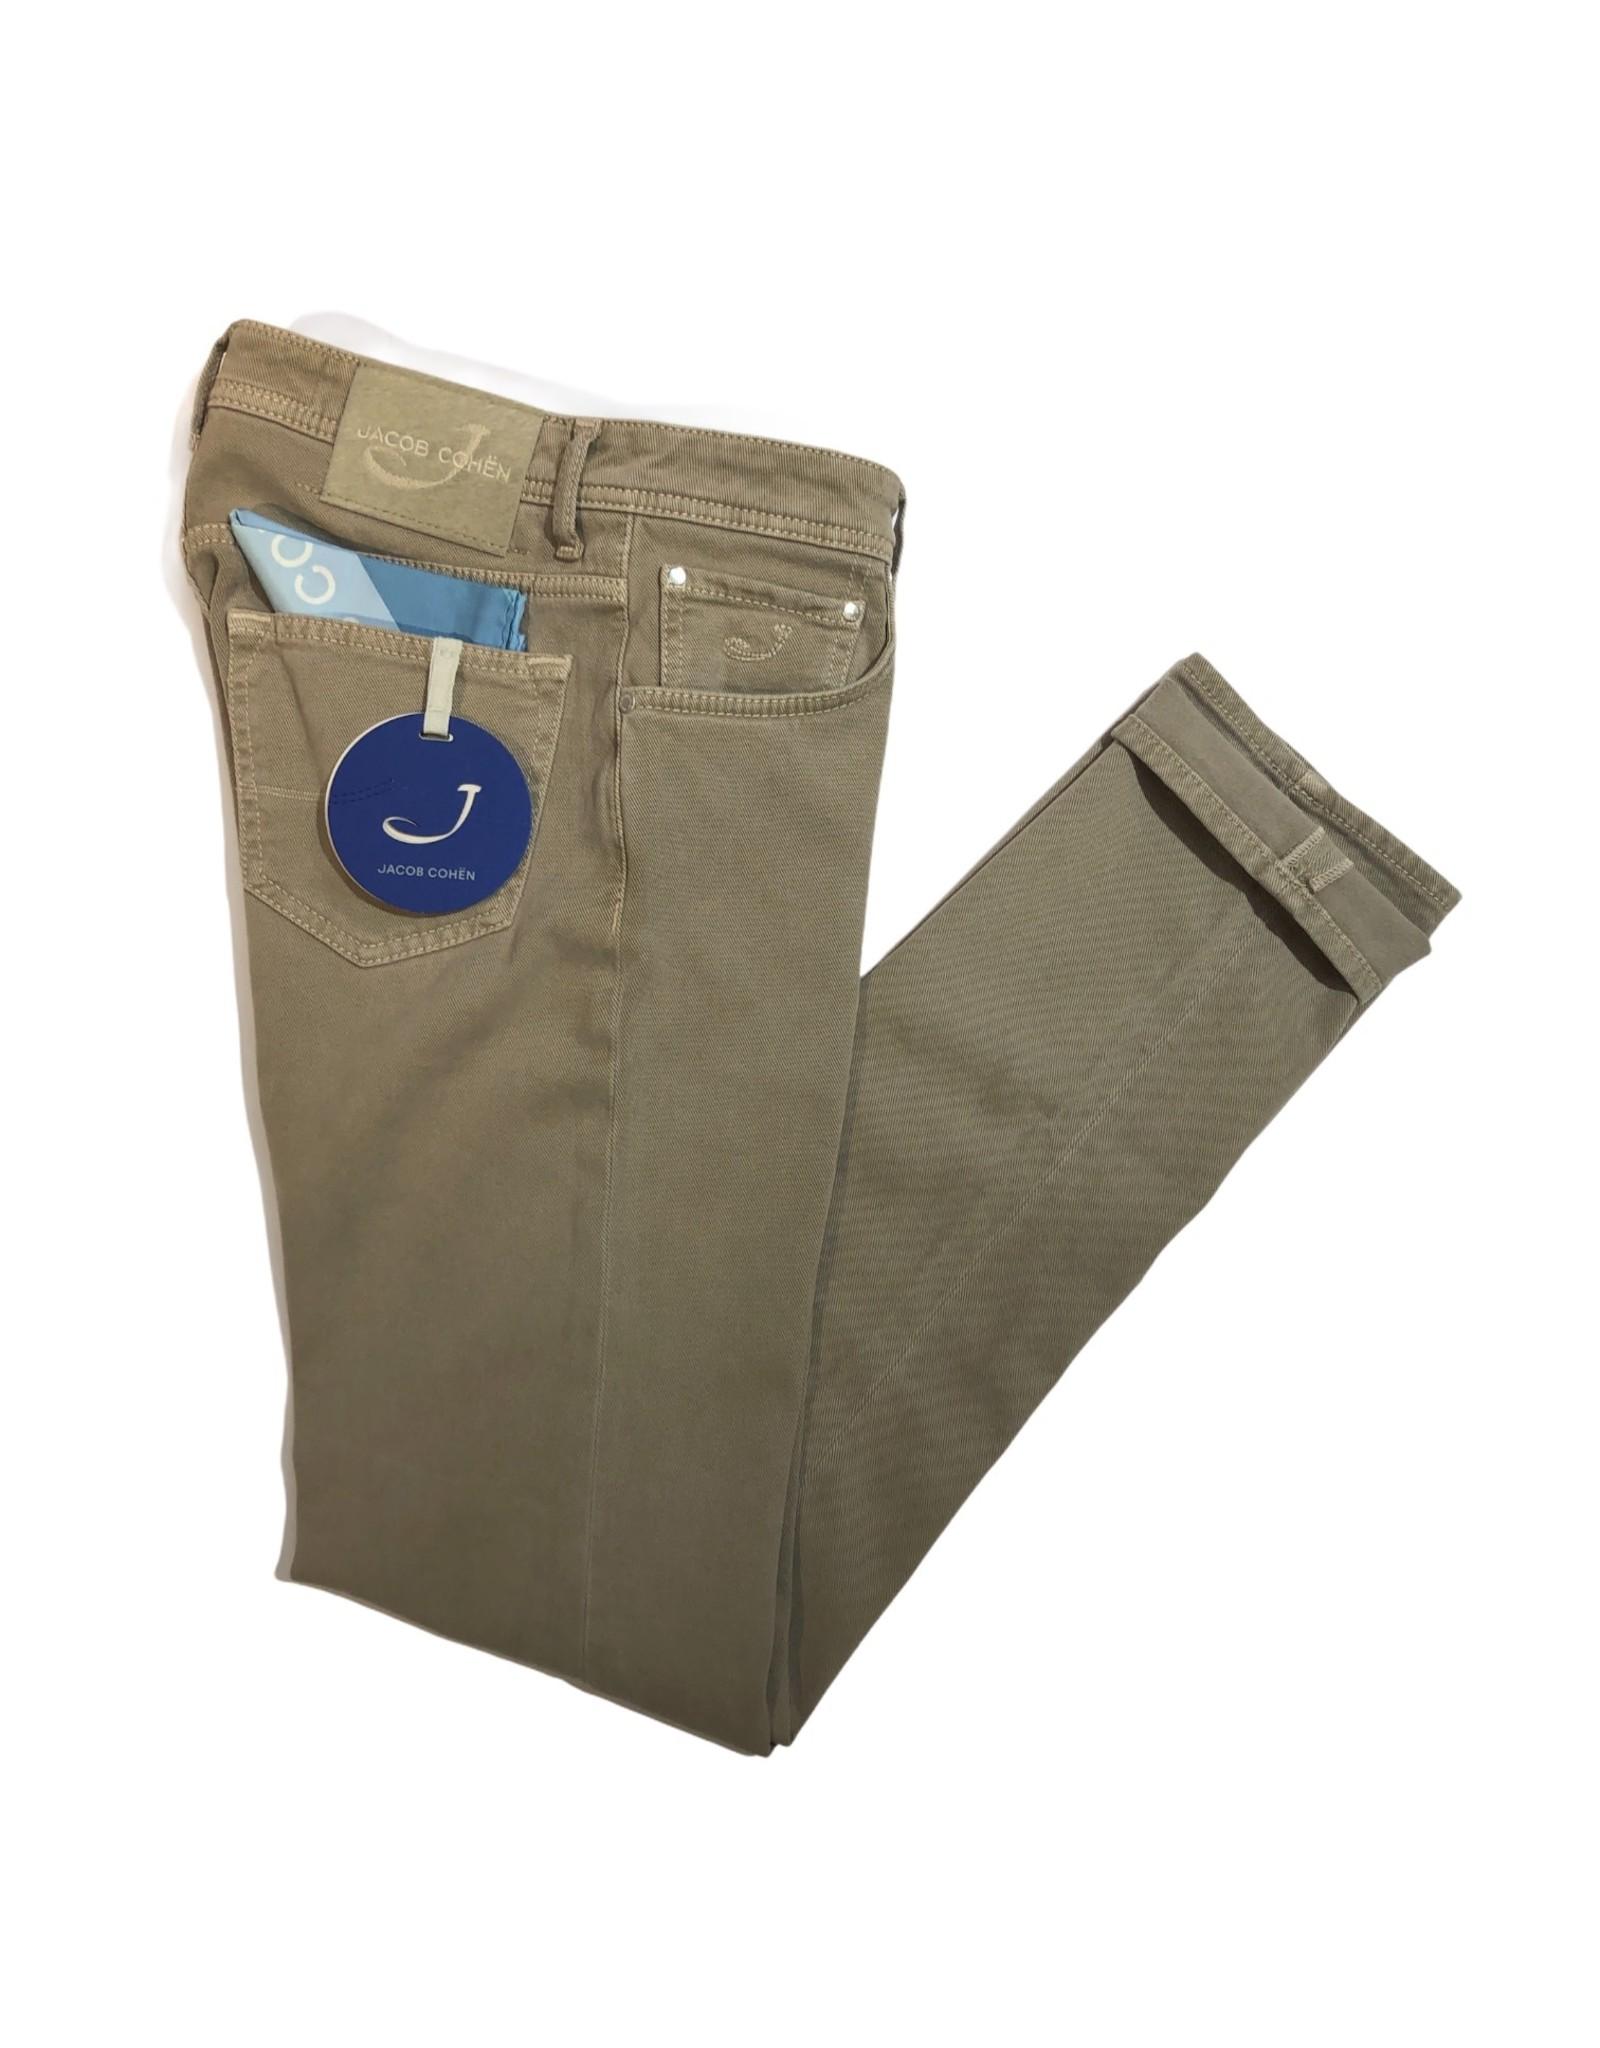 JACOB COHEN JACOB COHEN Jeans J622 SLIM COMF 5406